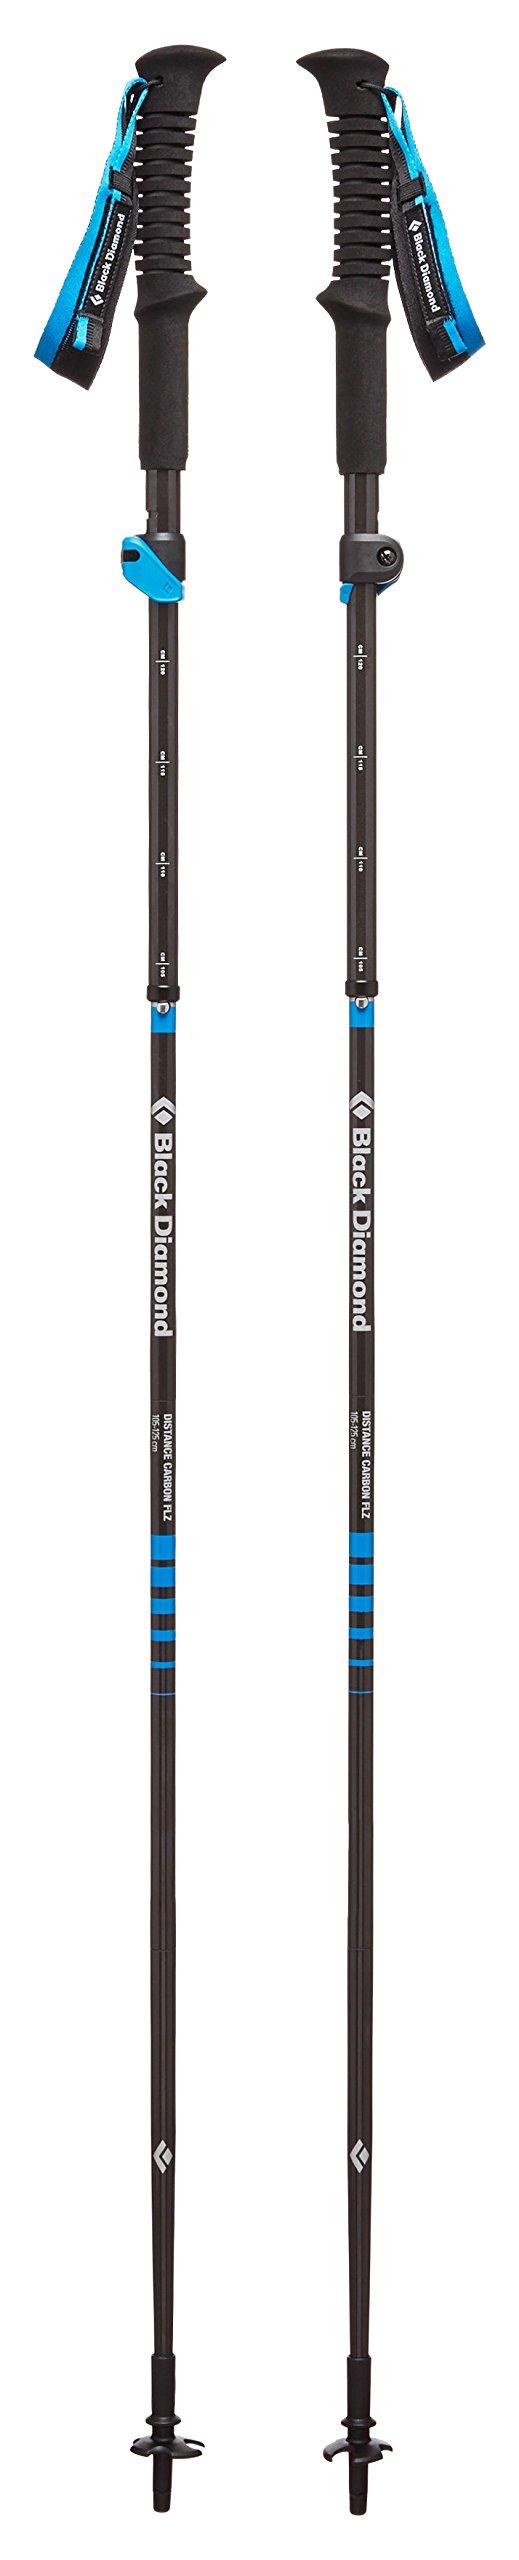 Black Diamond Distance Carbon Flz Z-Poles, 140